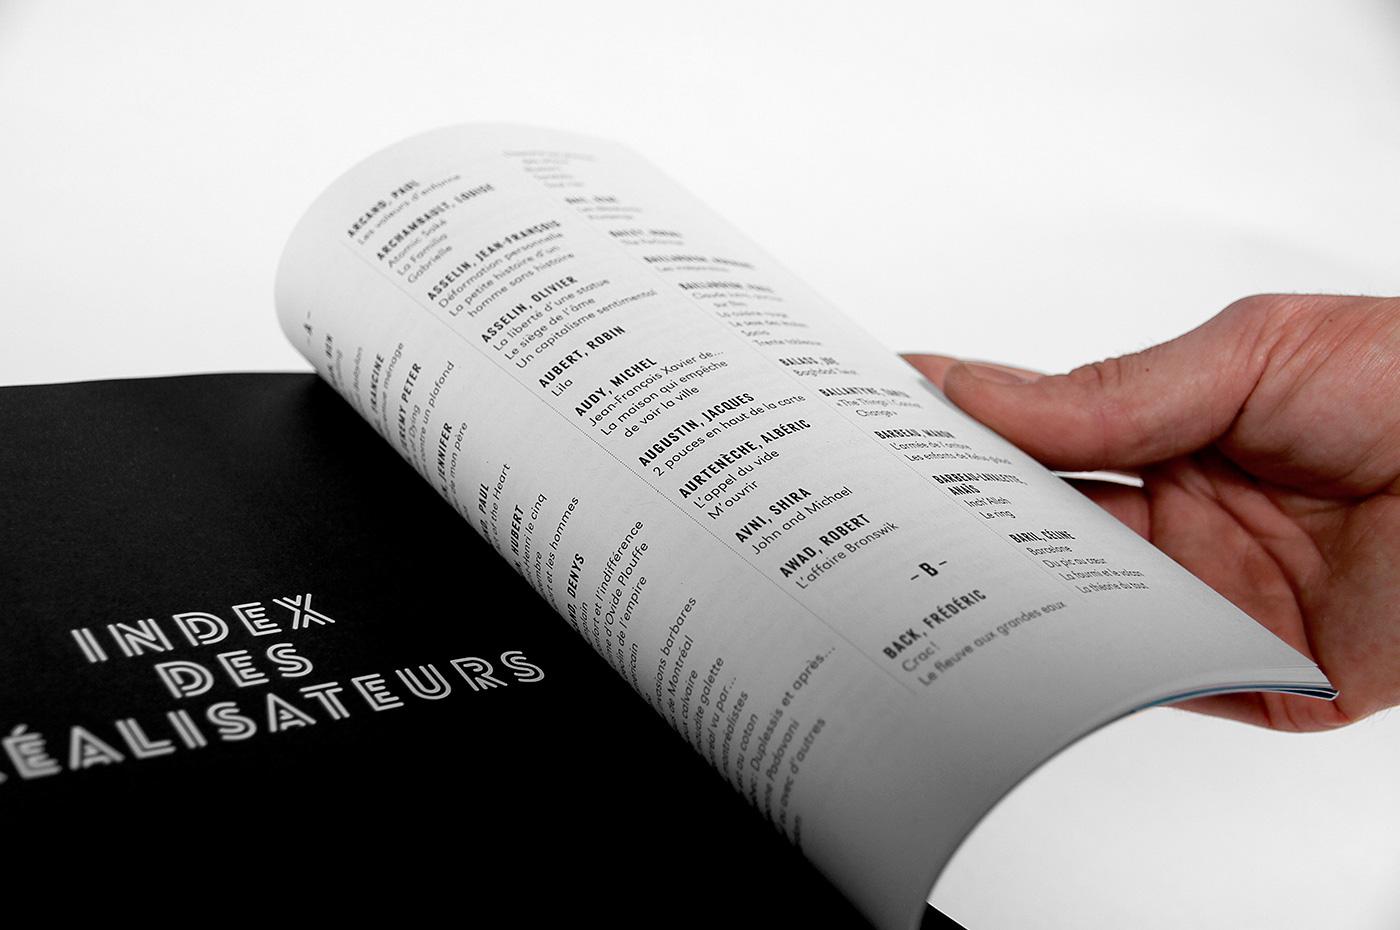 laferriere_sommetoute_dictionnaire_07